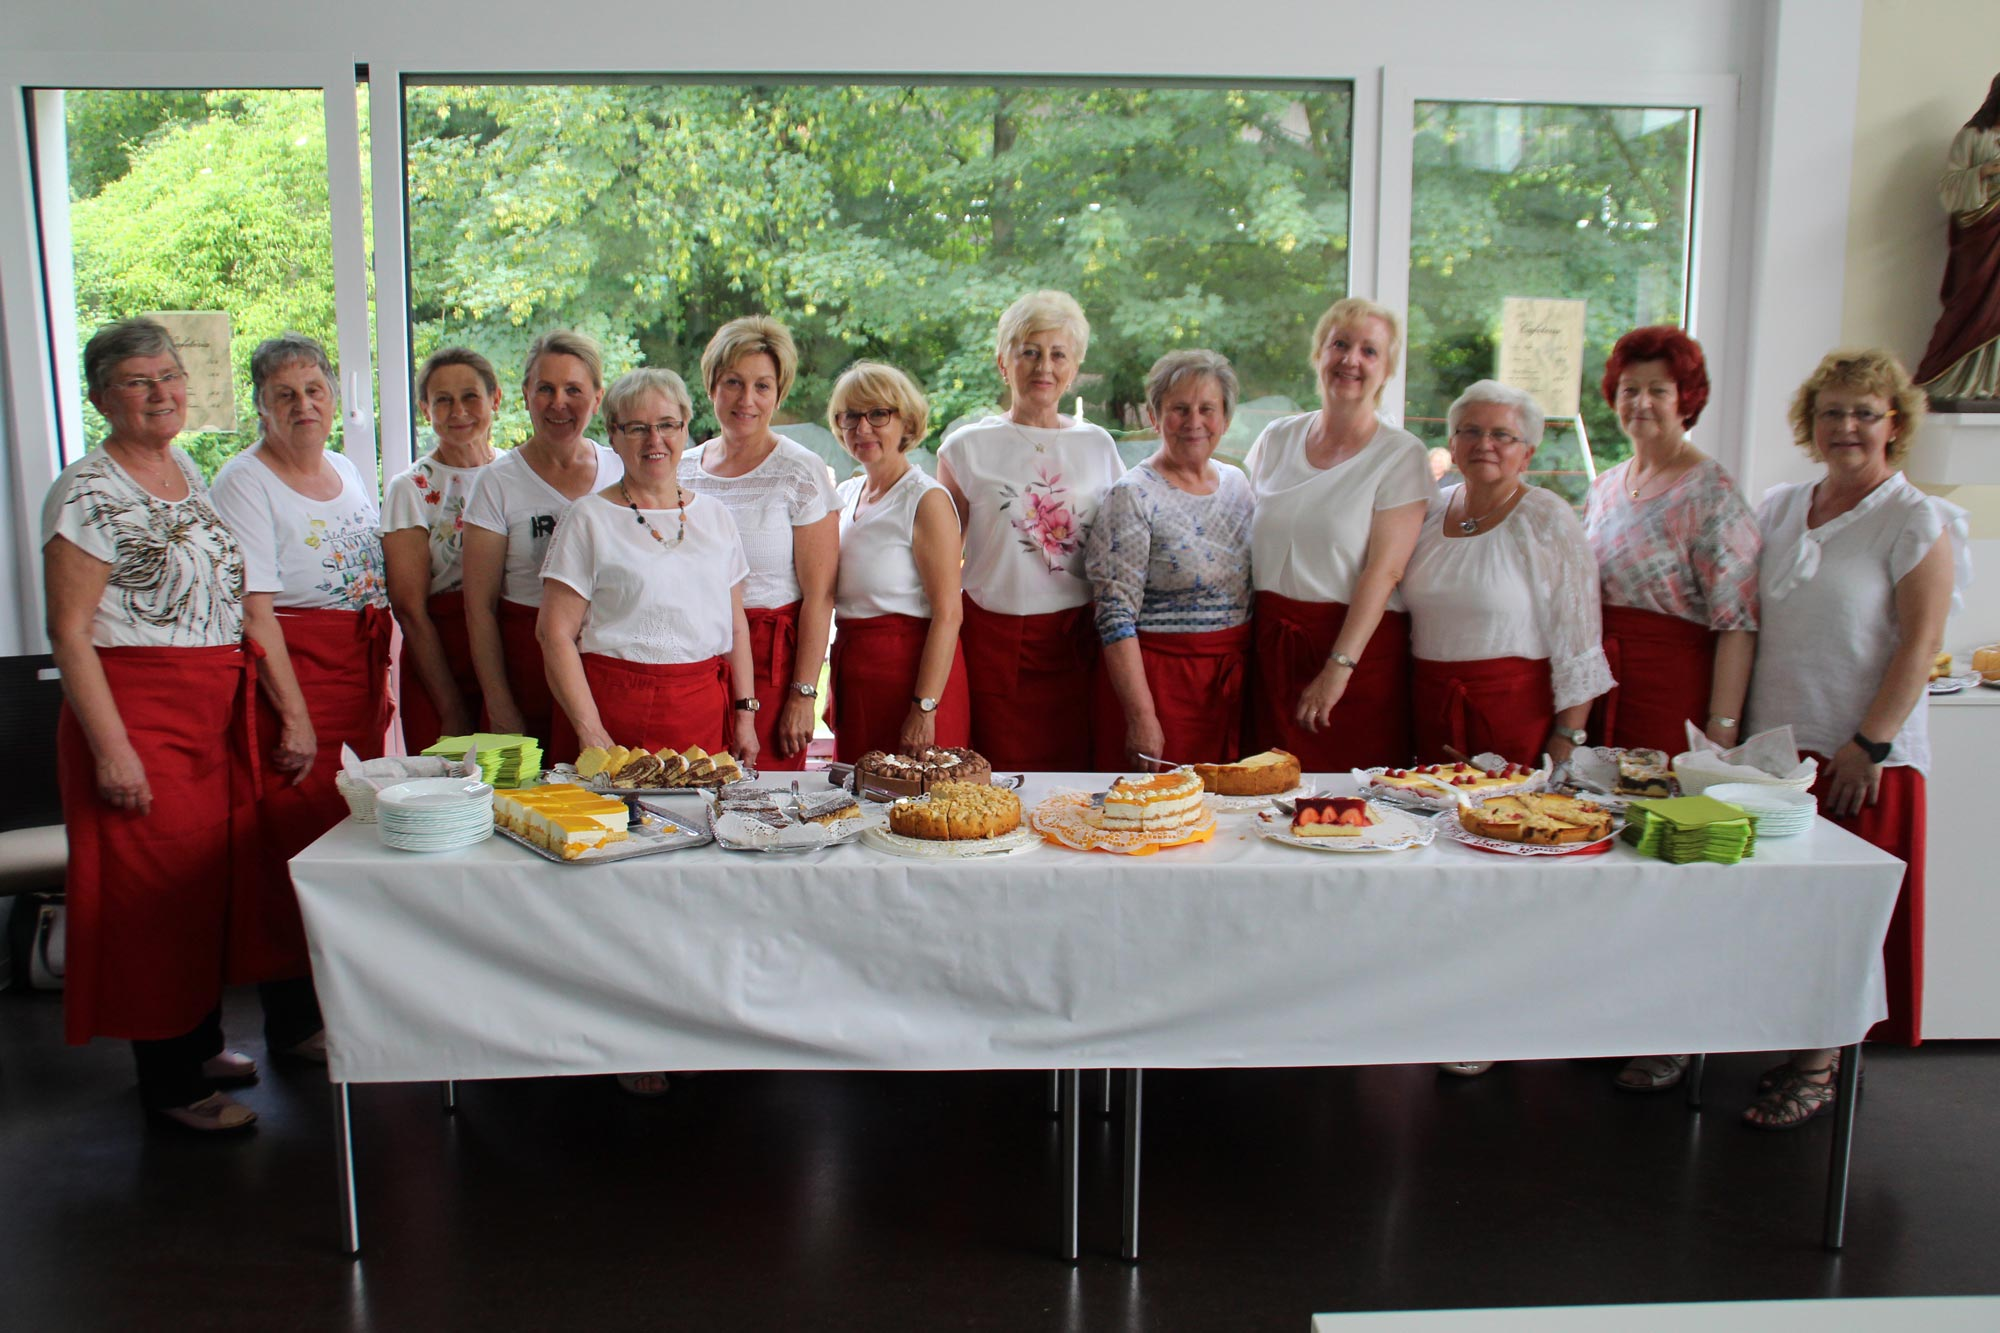 Ein starkes Team: Cafeteria beim jährlichen Pfarrfamilienfest